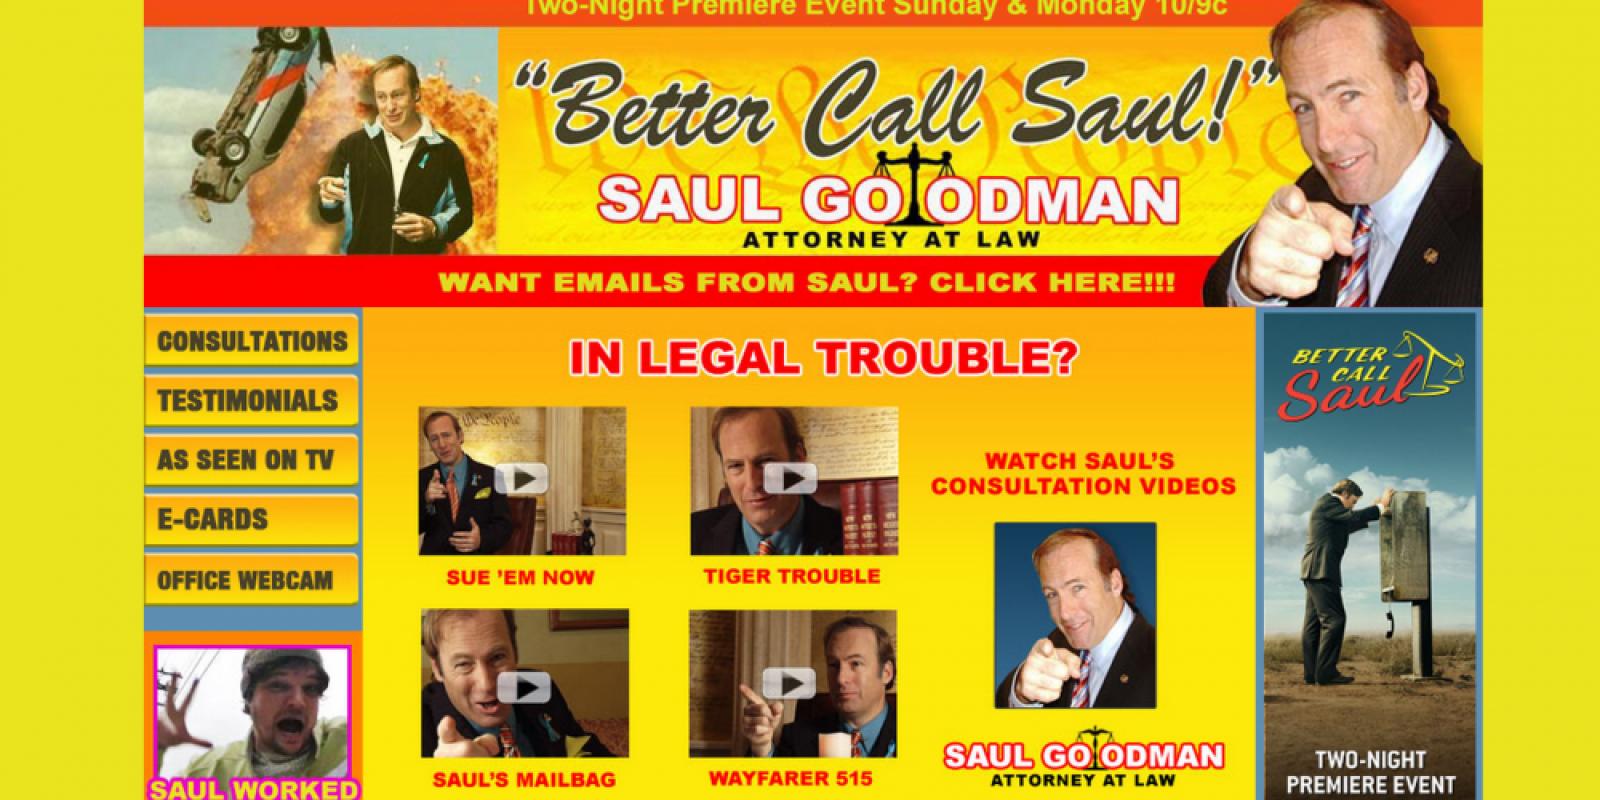 . Imagen Por: http://www.bettercallsaul.com/